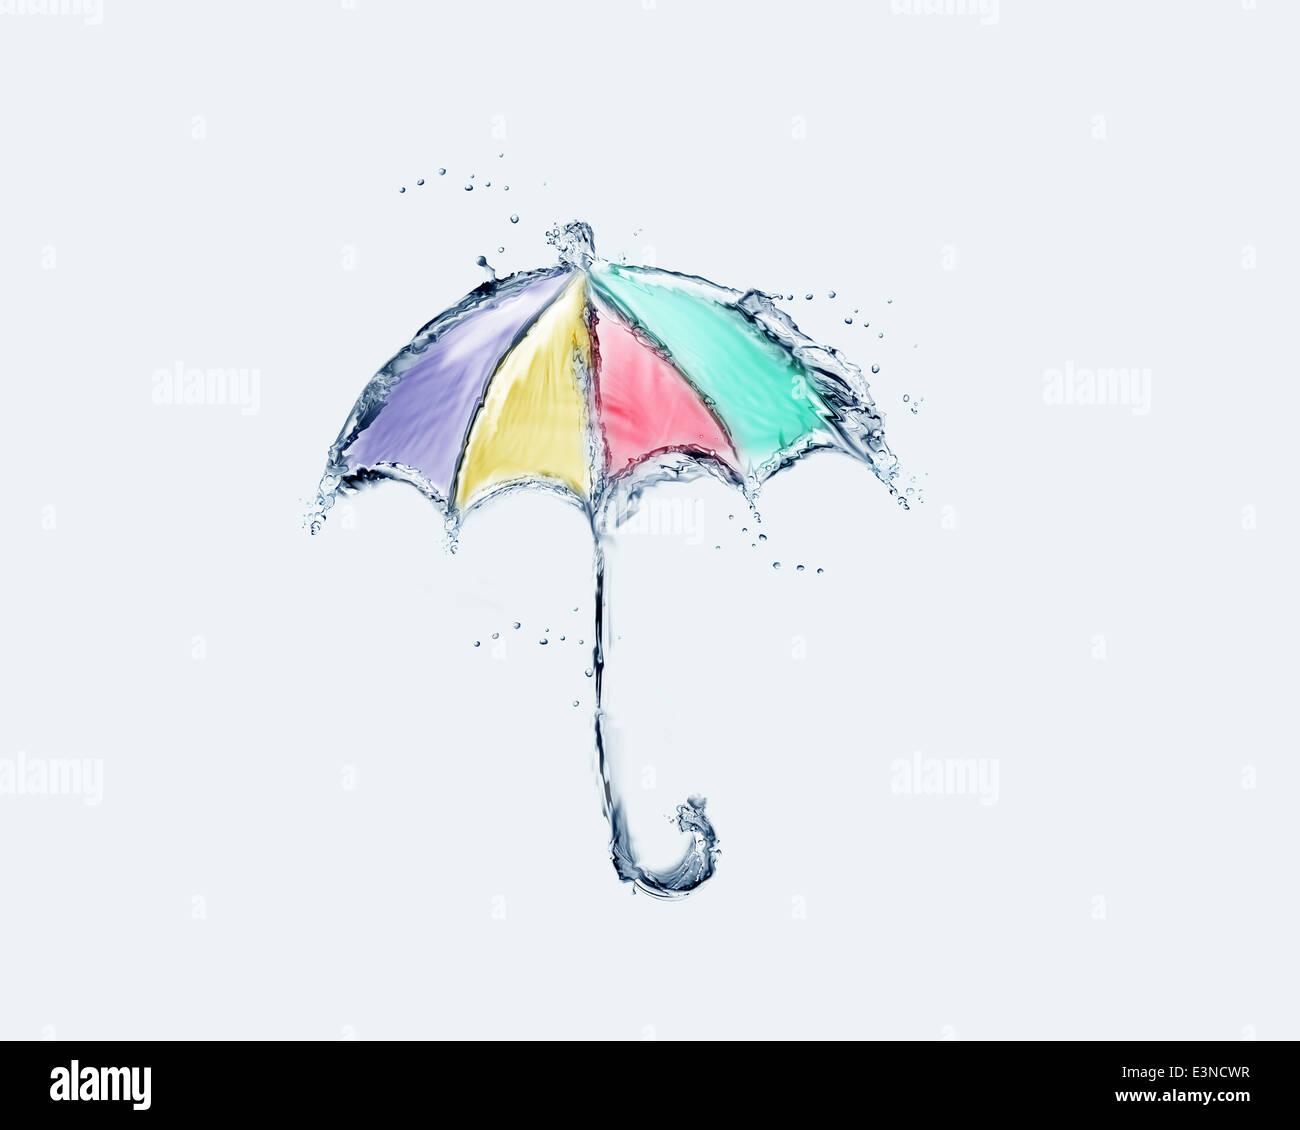 Un ombrello colorato fatto di acqua. Immagini Stock